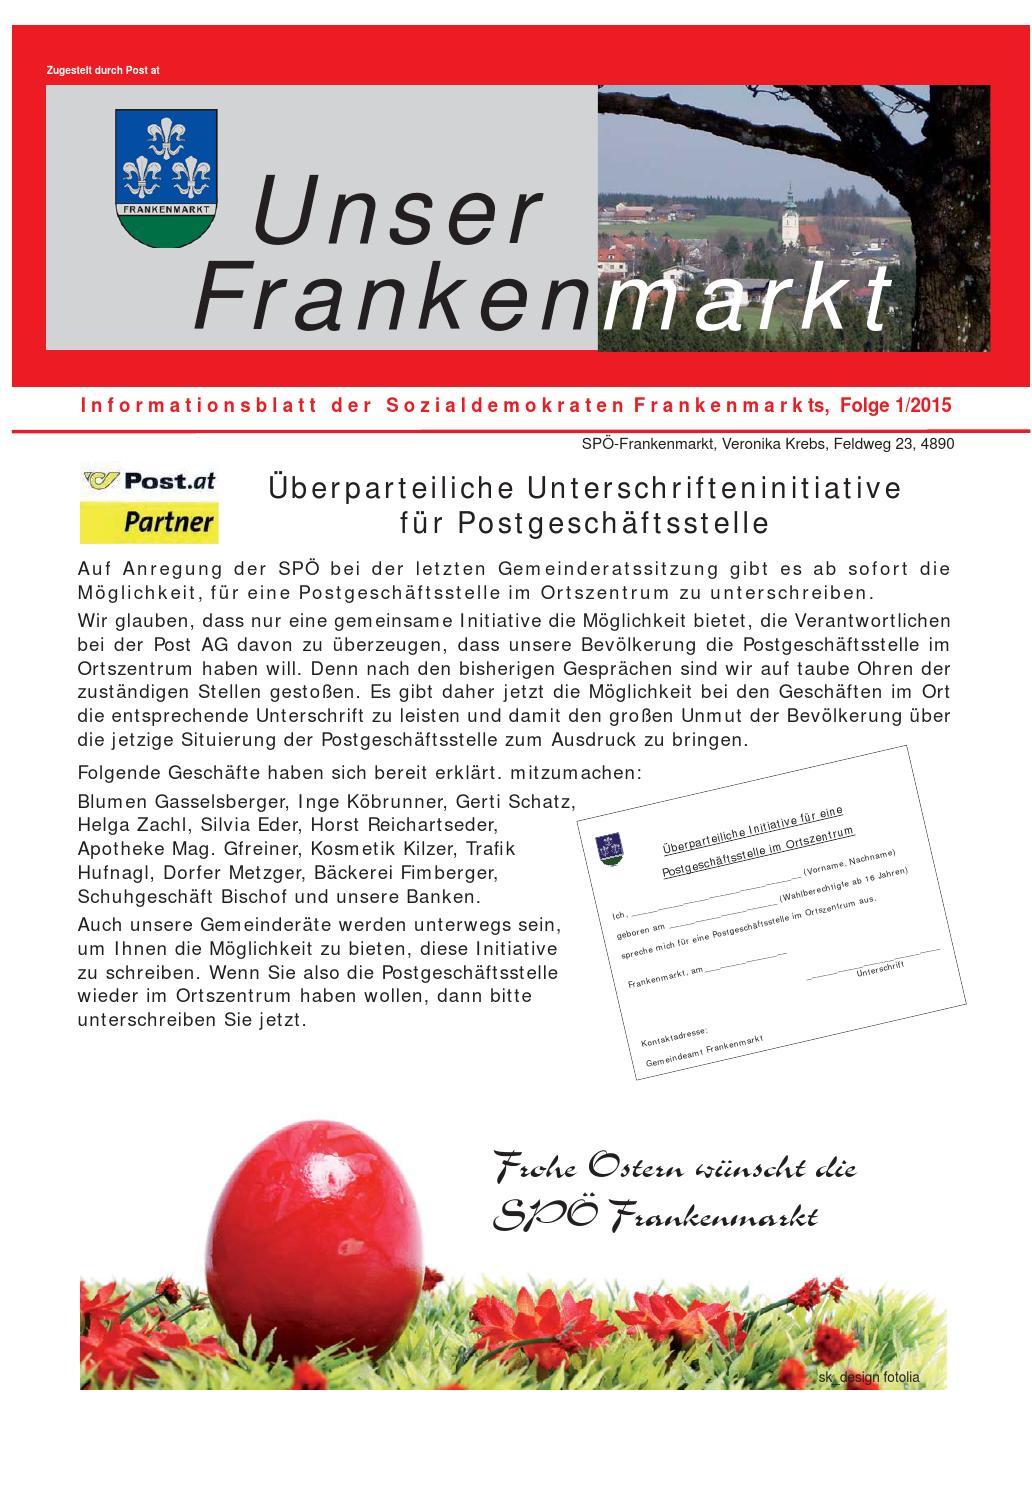 Beste singlebrse frankenmarkt. Single treff aus grafenstein